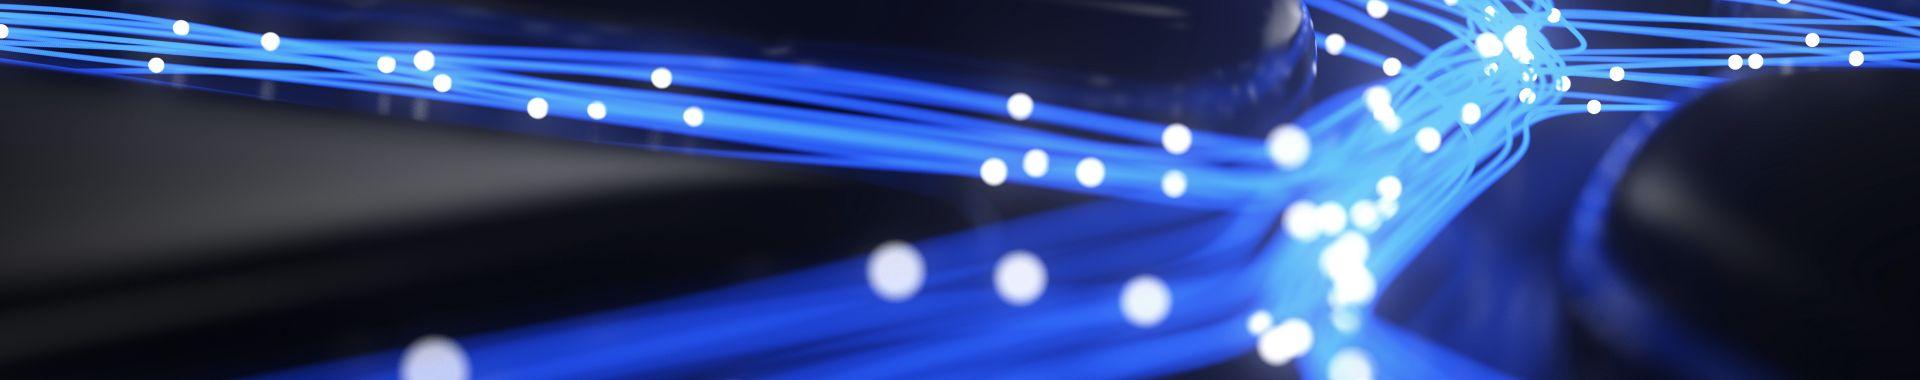 1920x438-Whatwedo-digital-efulfilment-ecommerce.jpg